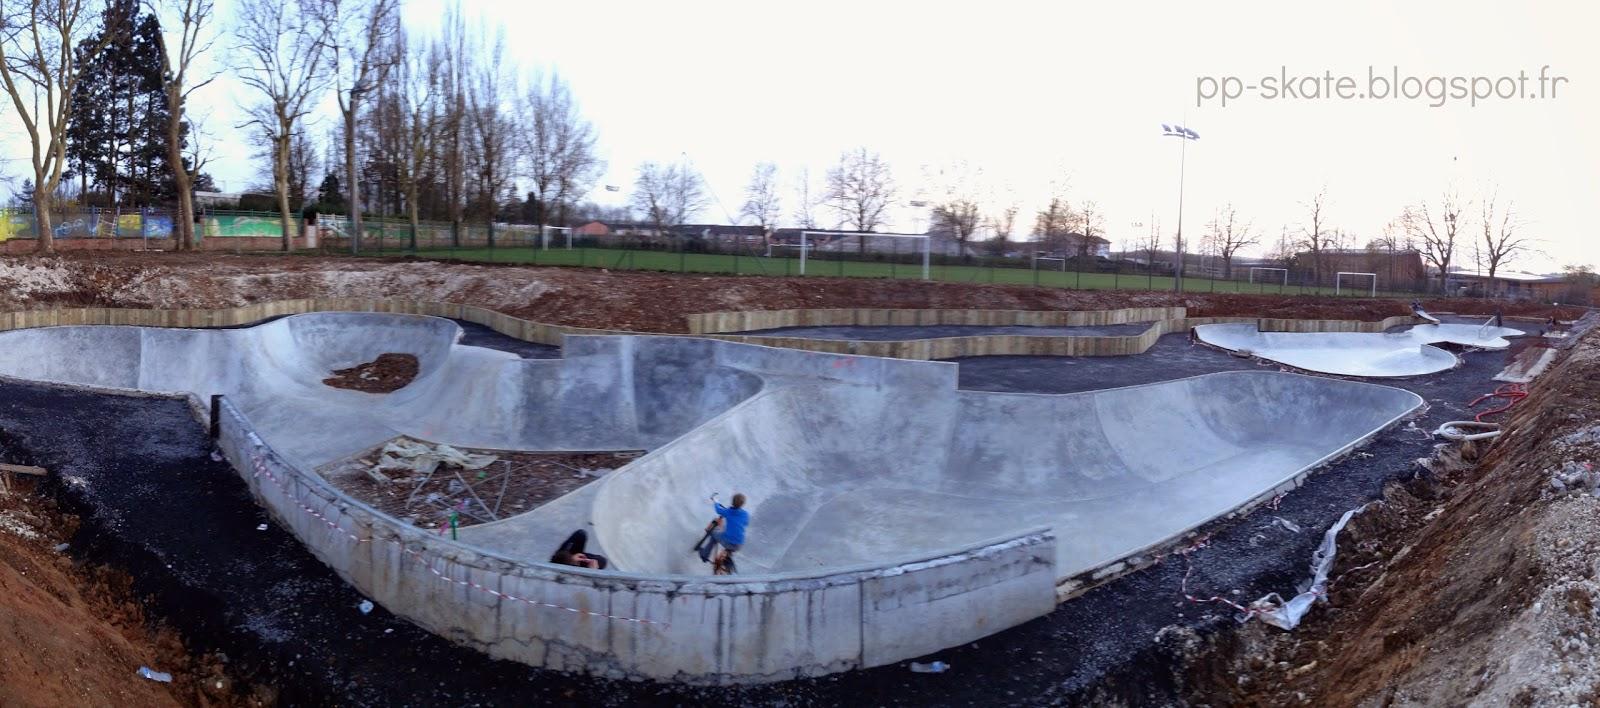 skatepark bruay la buissiere